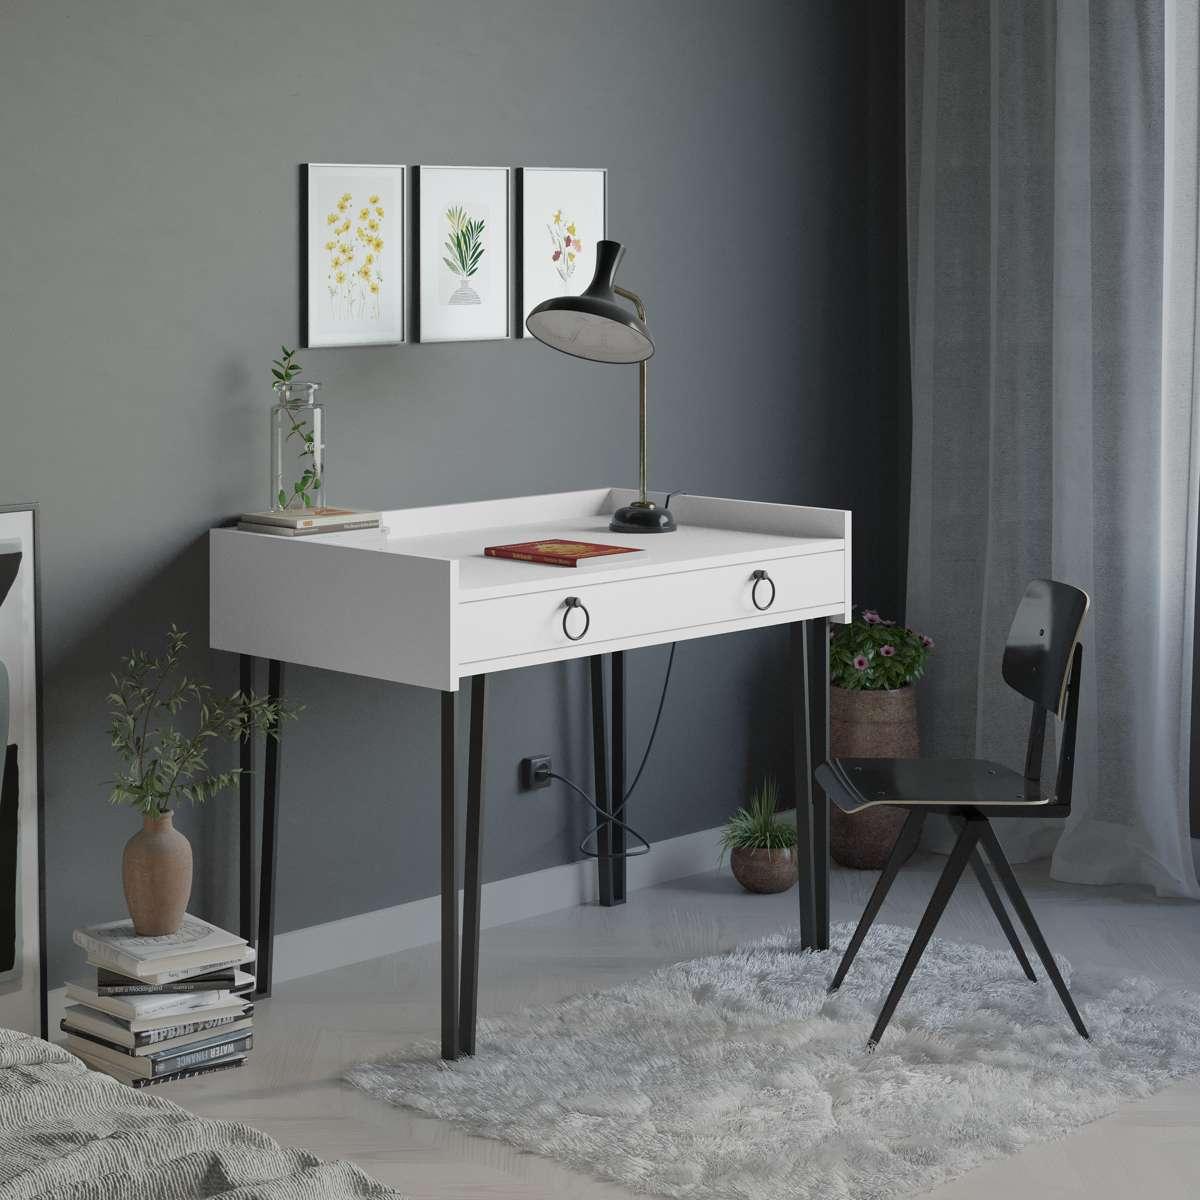 שולחן כתיבה Sponge Study Table לבן מסדרת Decoline